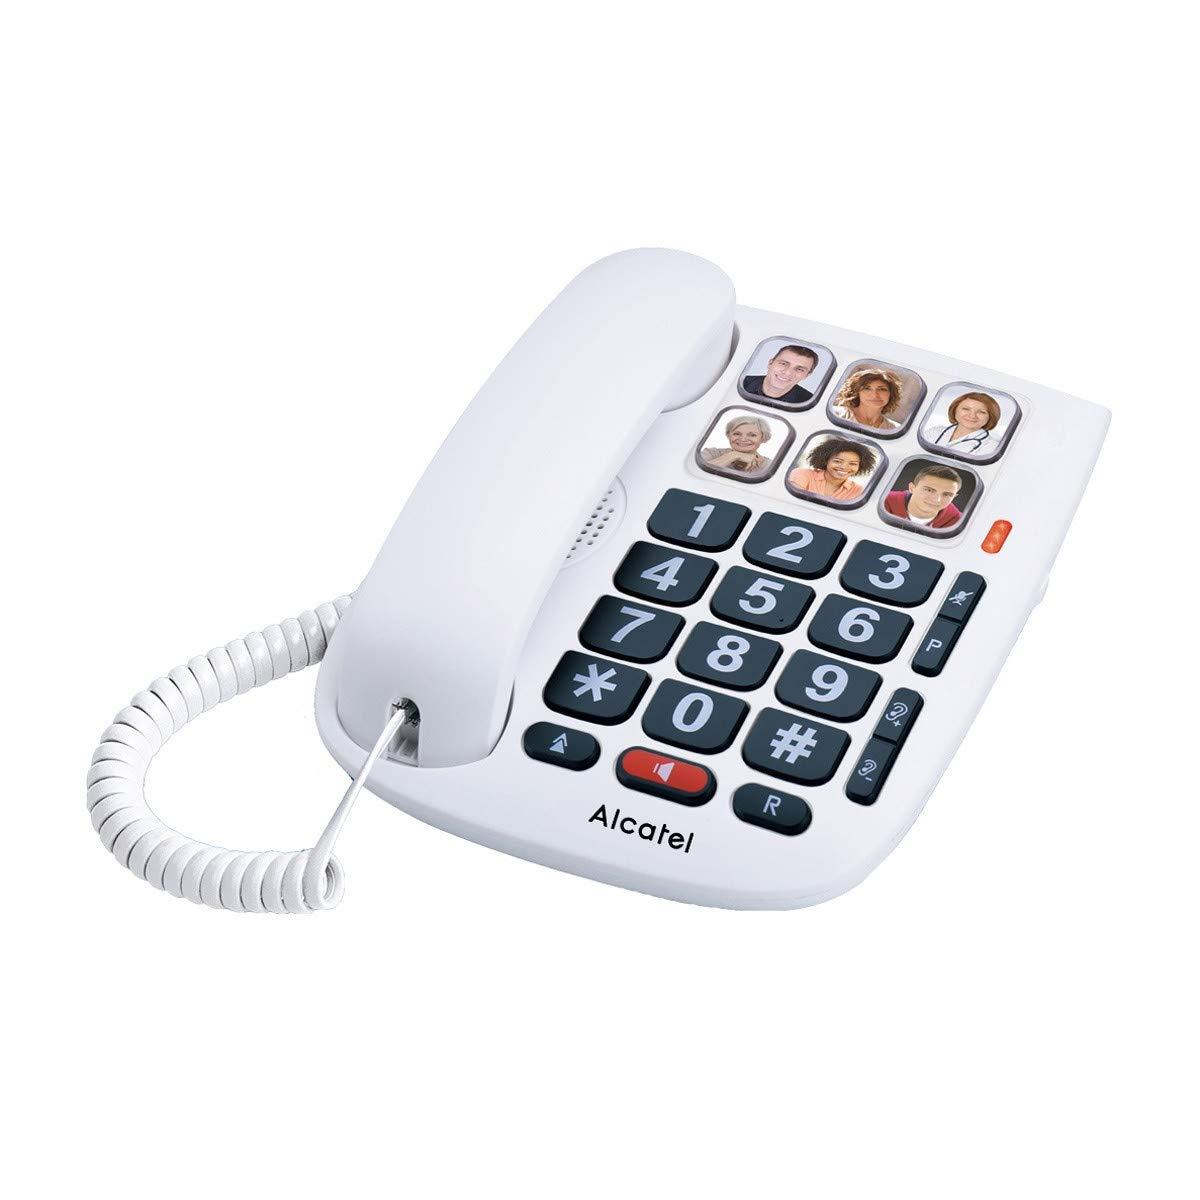 teléfono con cable números con foto teclas grandes color blanco